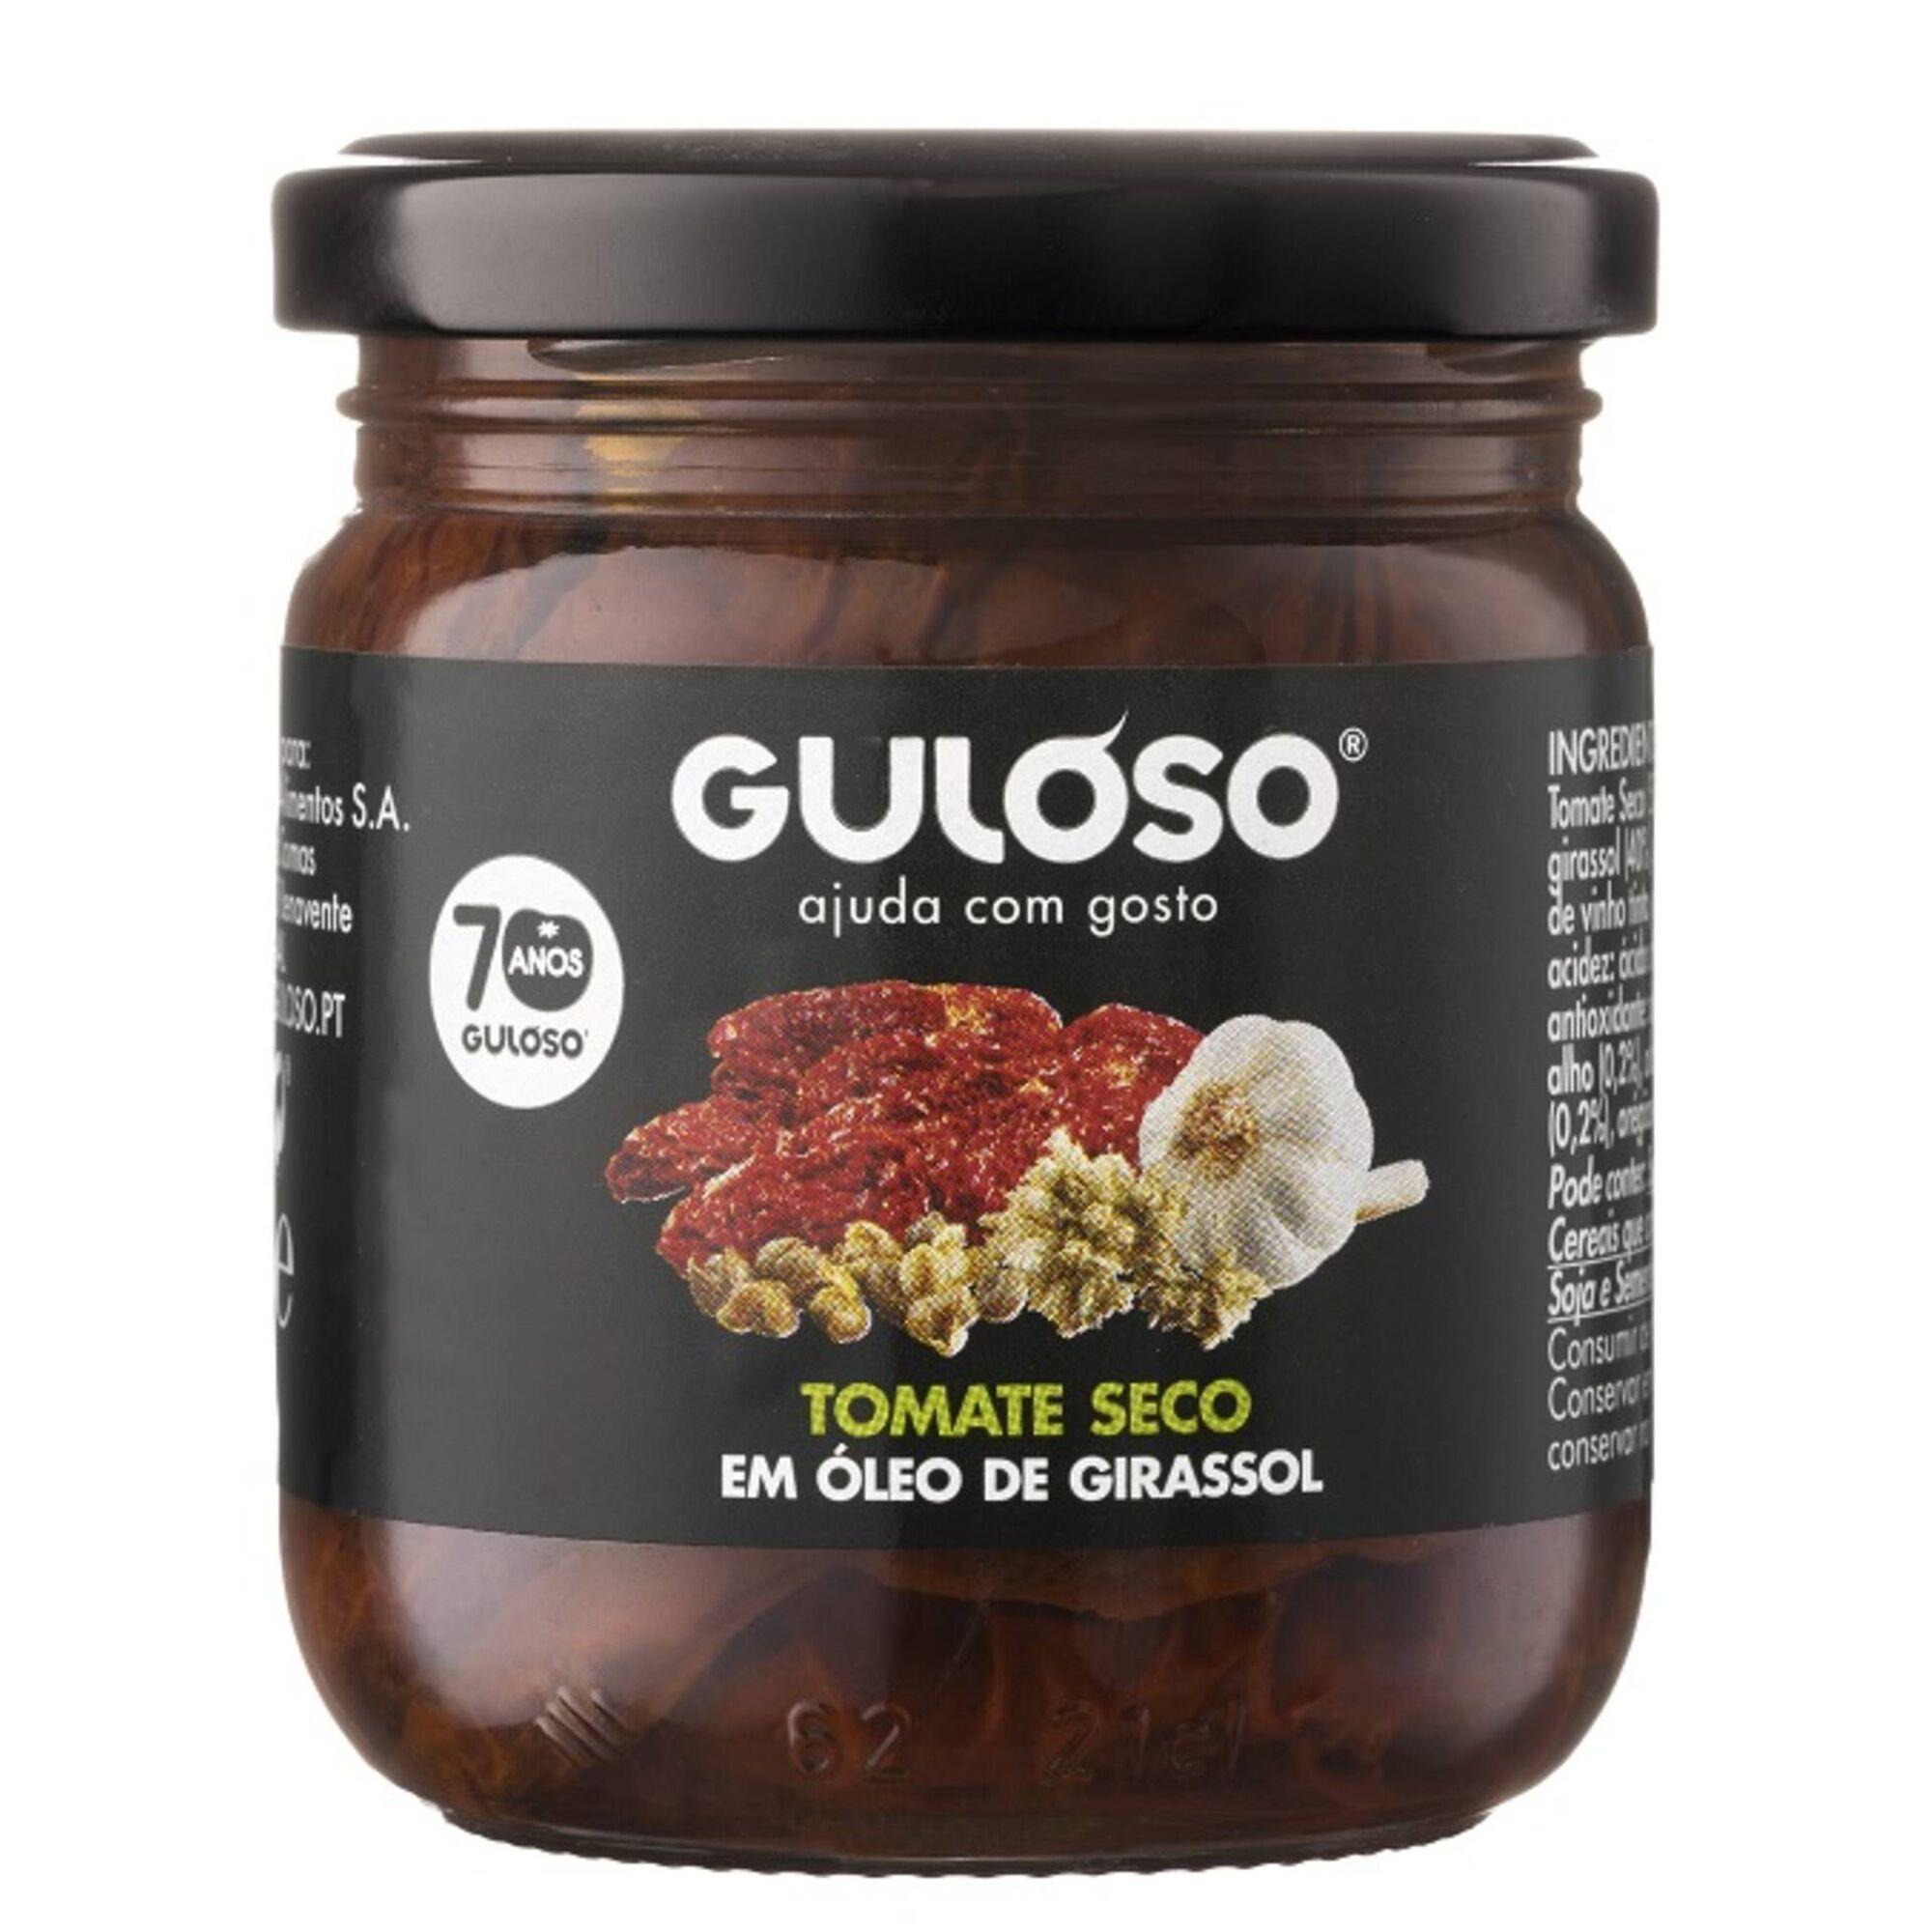 Tomate Seco em Óleo de Girassol